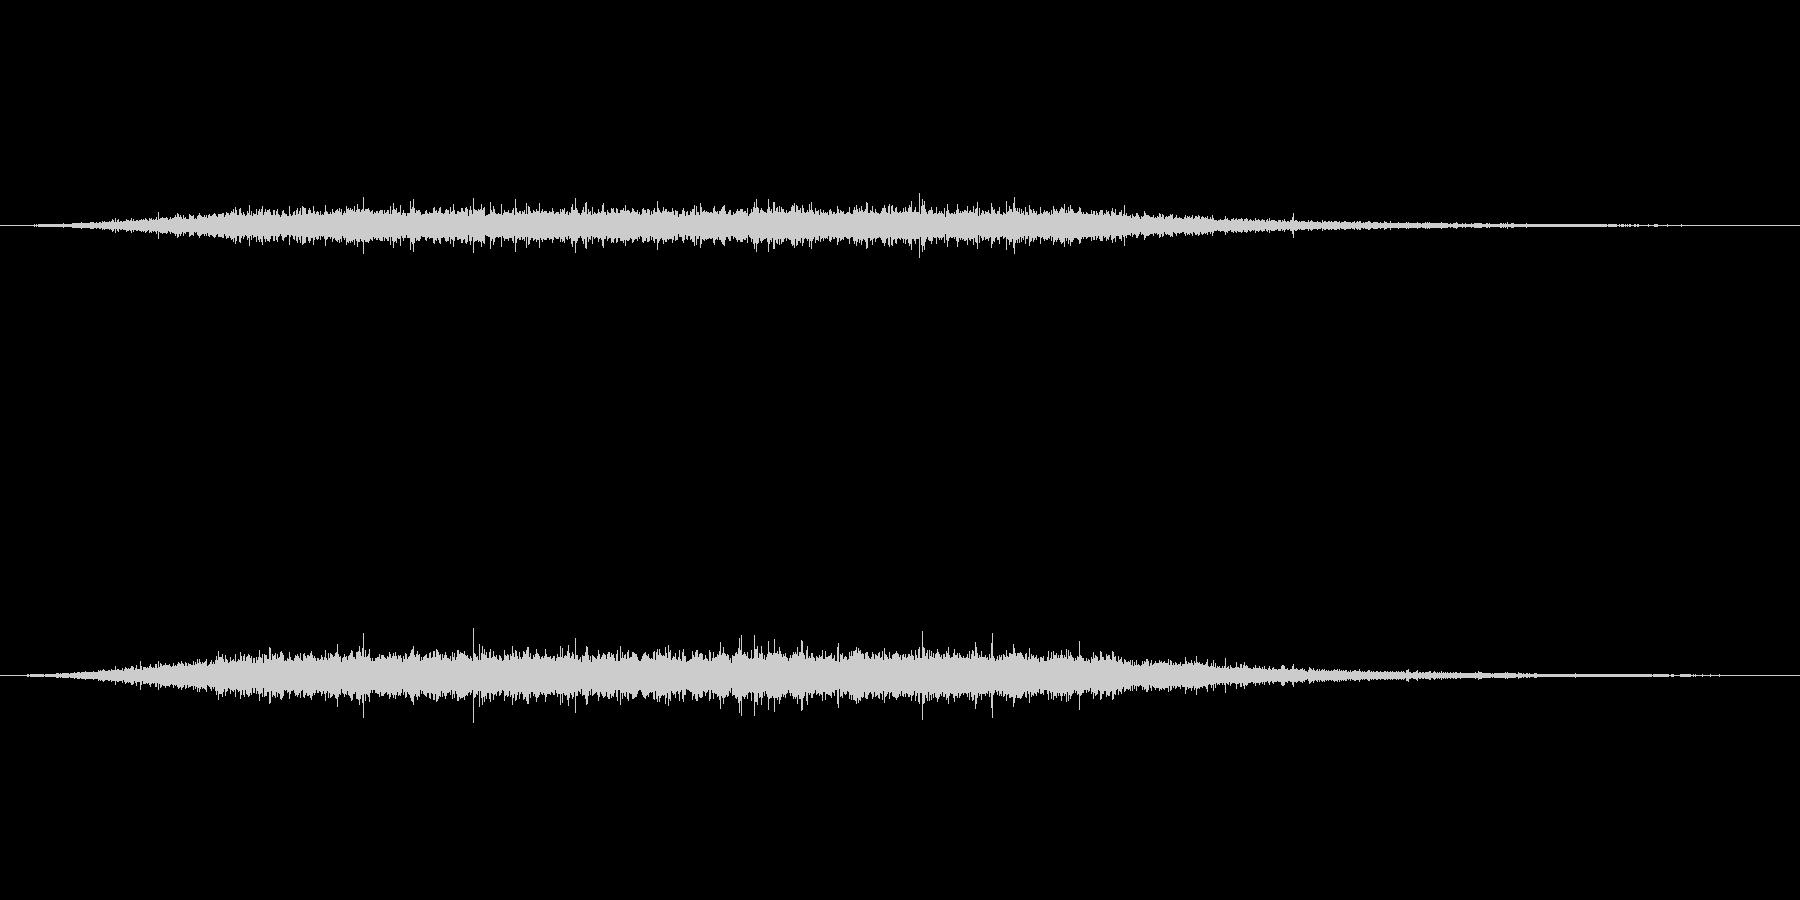 川の流れる音 の未再生の波形